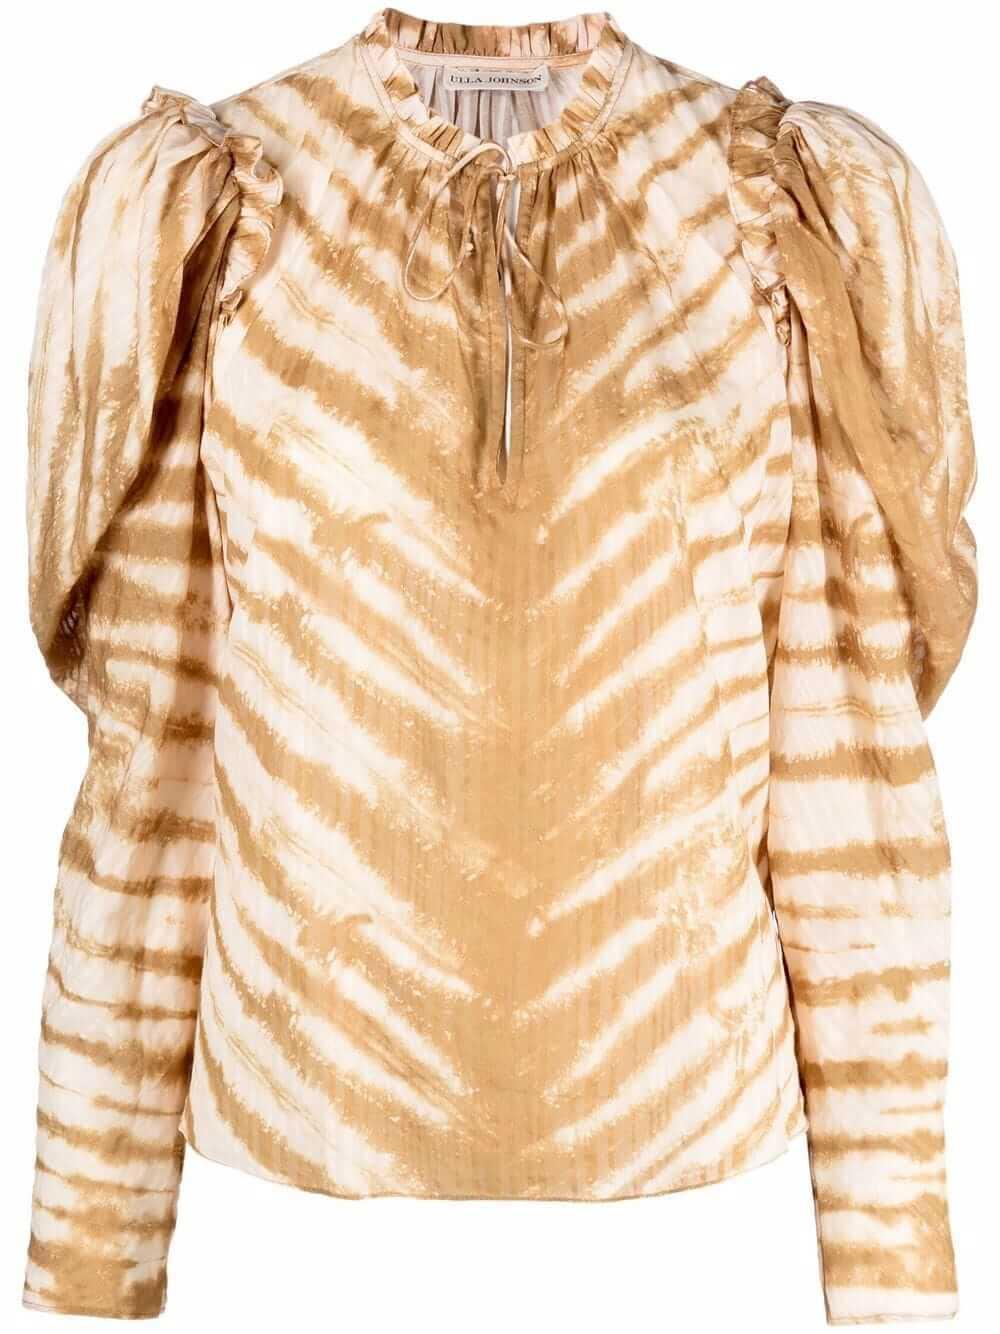 Madena Tiger Tie Dye Blouse